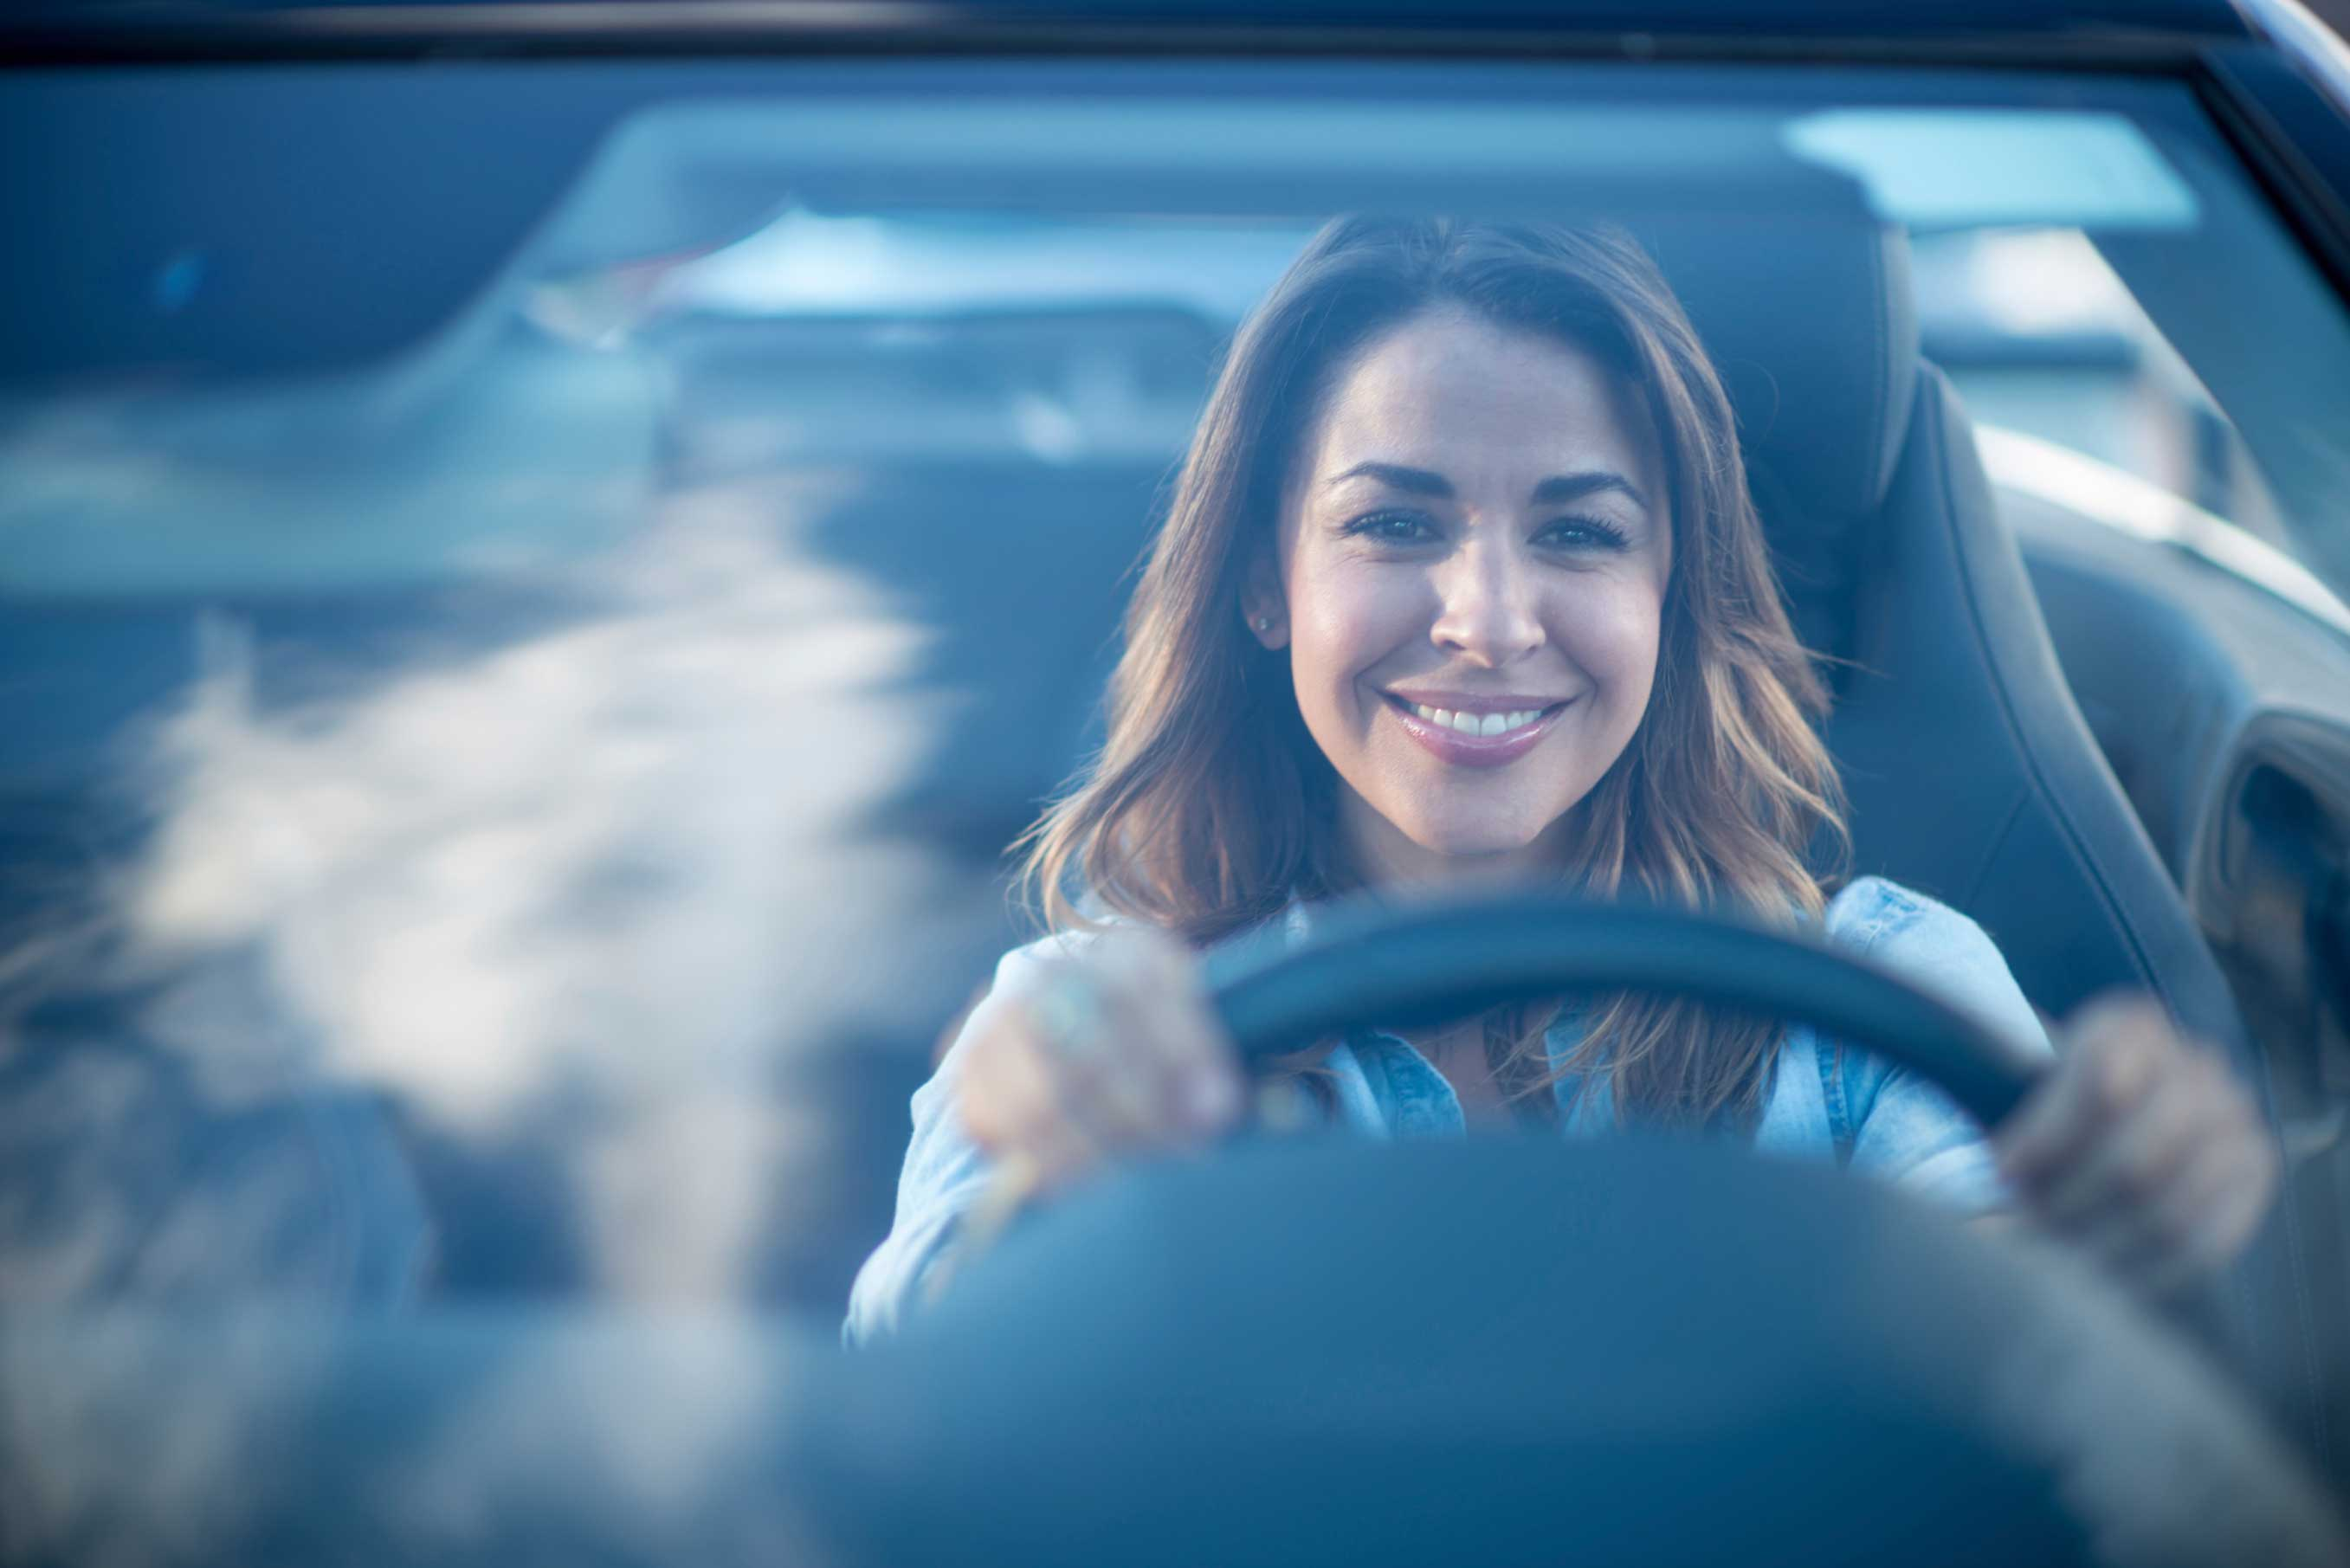 أرقام  ..  النساء أفضل من الرجال في قيادة السيارات